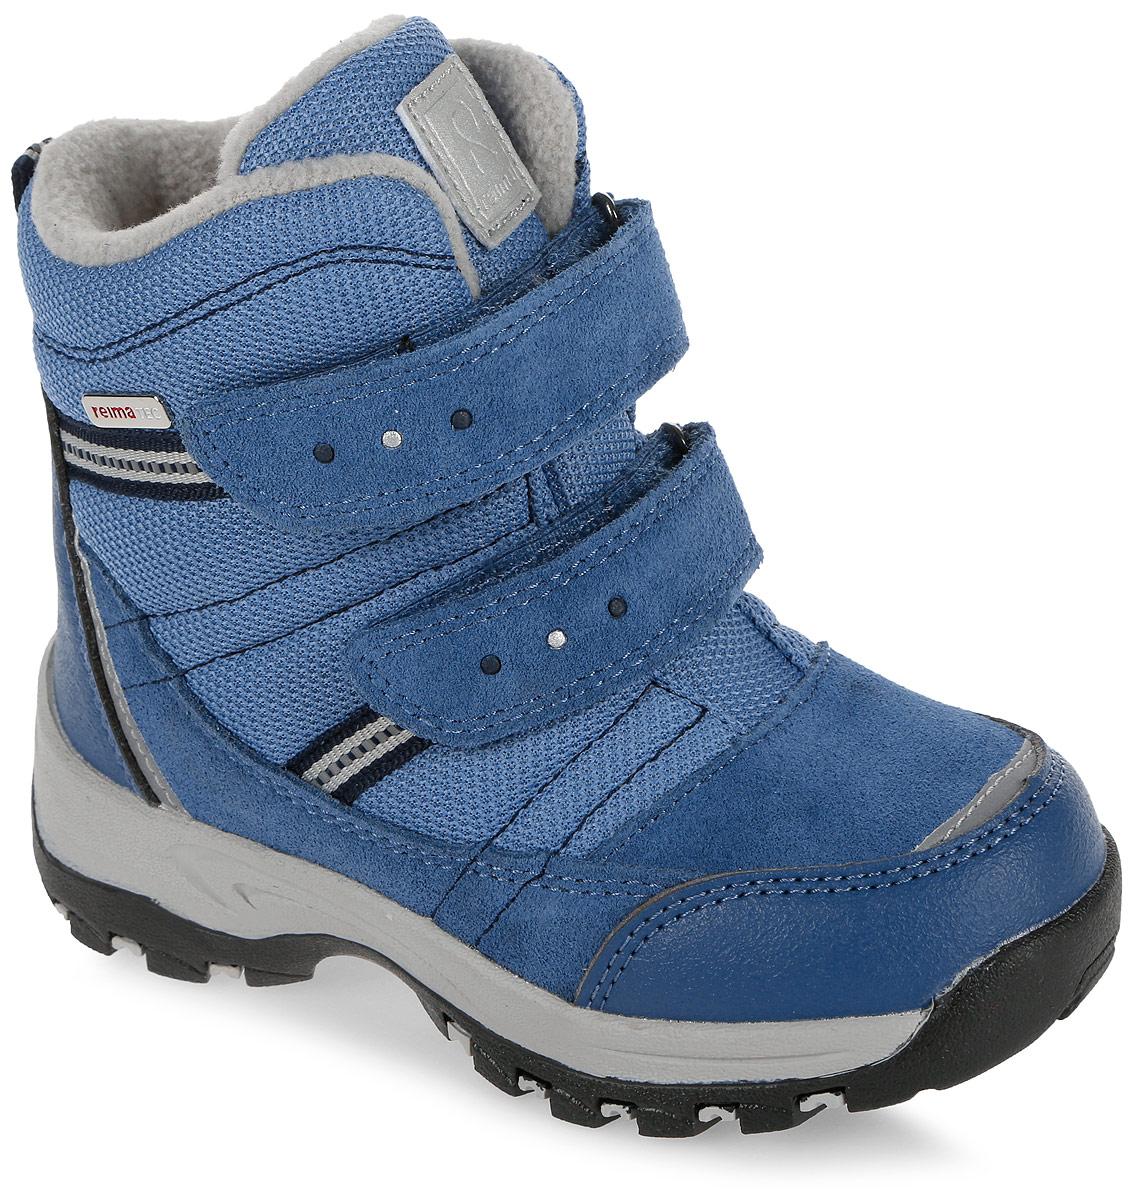 Ботинки детские Reima Visby, цвет: голубой. 5693226740. Размер 315693226740Детские ботинки Reima Visby - очень легко надевать благодаря застежке на липучке. В них дети могут бегать и прыгать по слякоти и снегу и гарантированно останутся сухими – за счет водонепроницаемой конструкции и подкладки с запаянными швами. Верх этих суперботинок изготовлен из текстиля и телячьей замши с усилениями из резины. Ботинки подшиты подкладкой из теплого и мягкого искусственного меха, который надежно защищает от холода. Резиновая подошва обеспечивает прочное сцепление с различными поверхностями, а благодаря теплым съемным фетровым стелькам с рисунком Happy Fit легко подобрать правильный размер или измерить растущую ножку ребенка. Светоотражающие детали обеспечивают дополнительную безопасность в темное время суток.